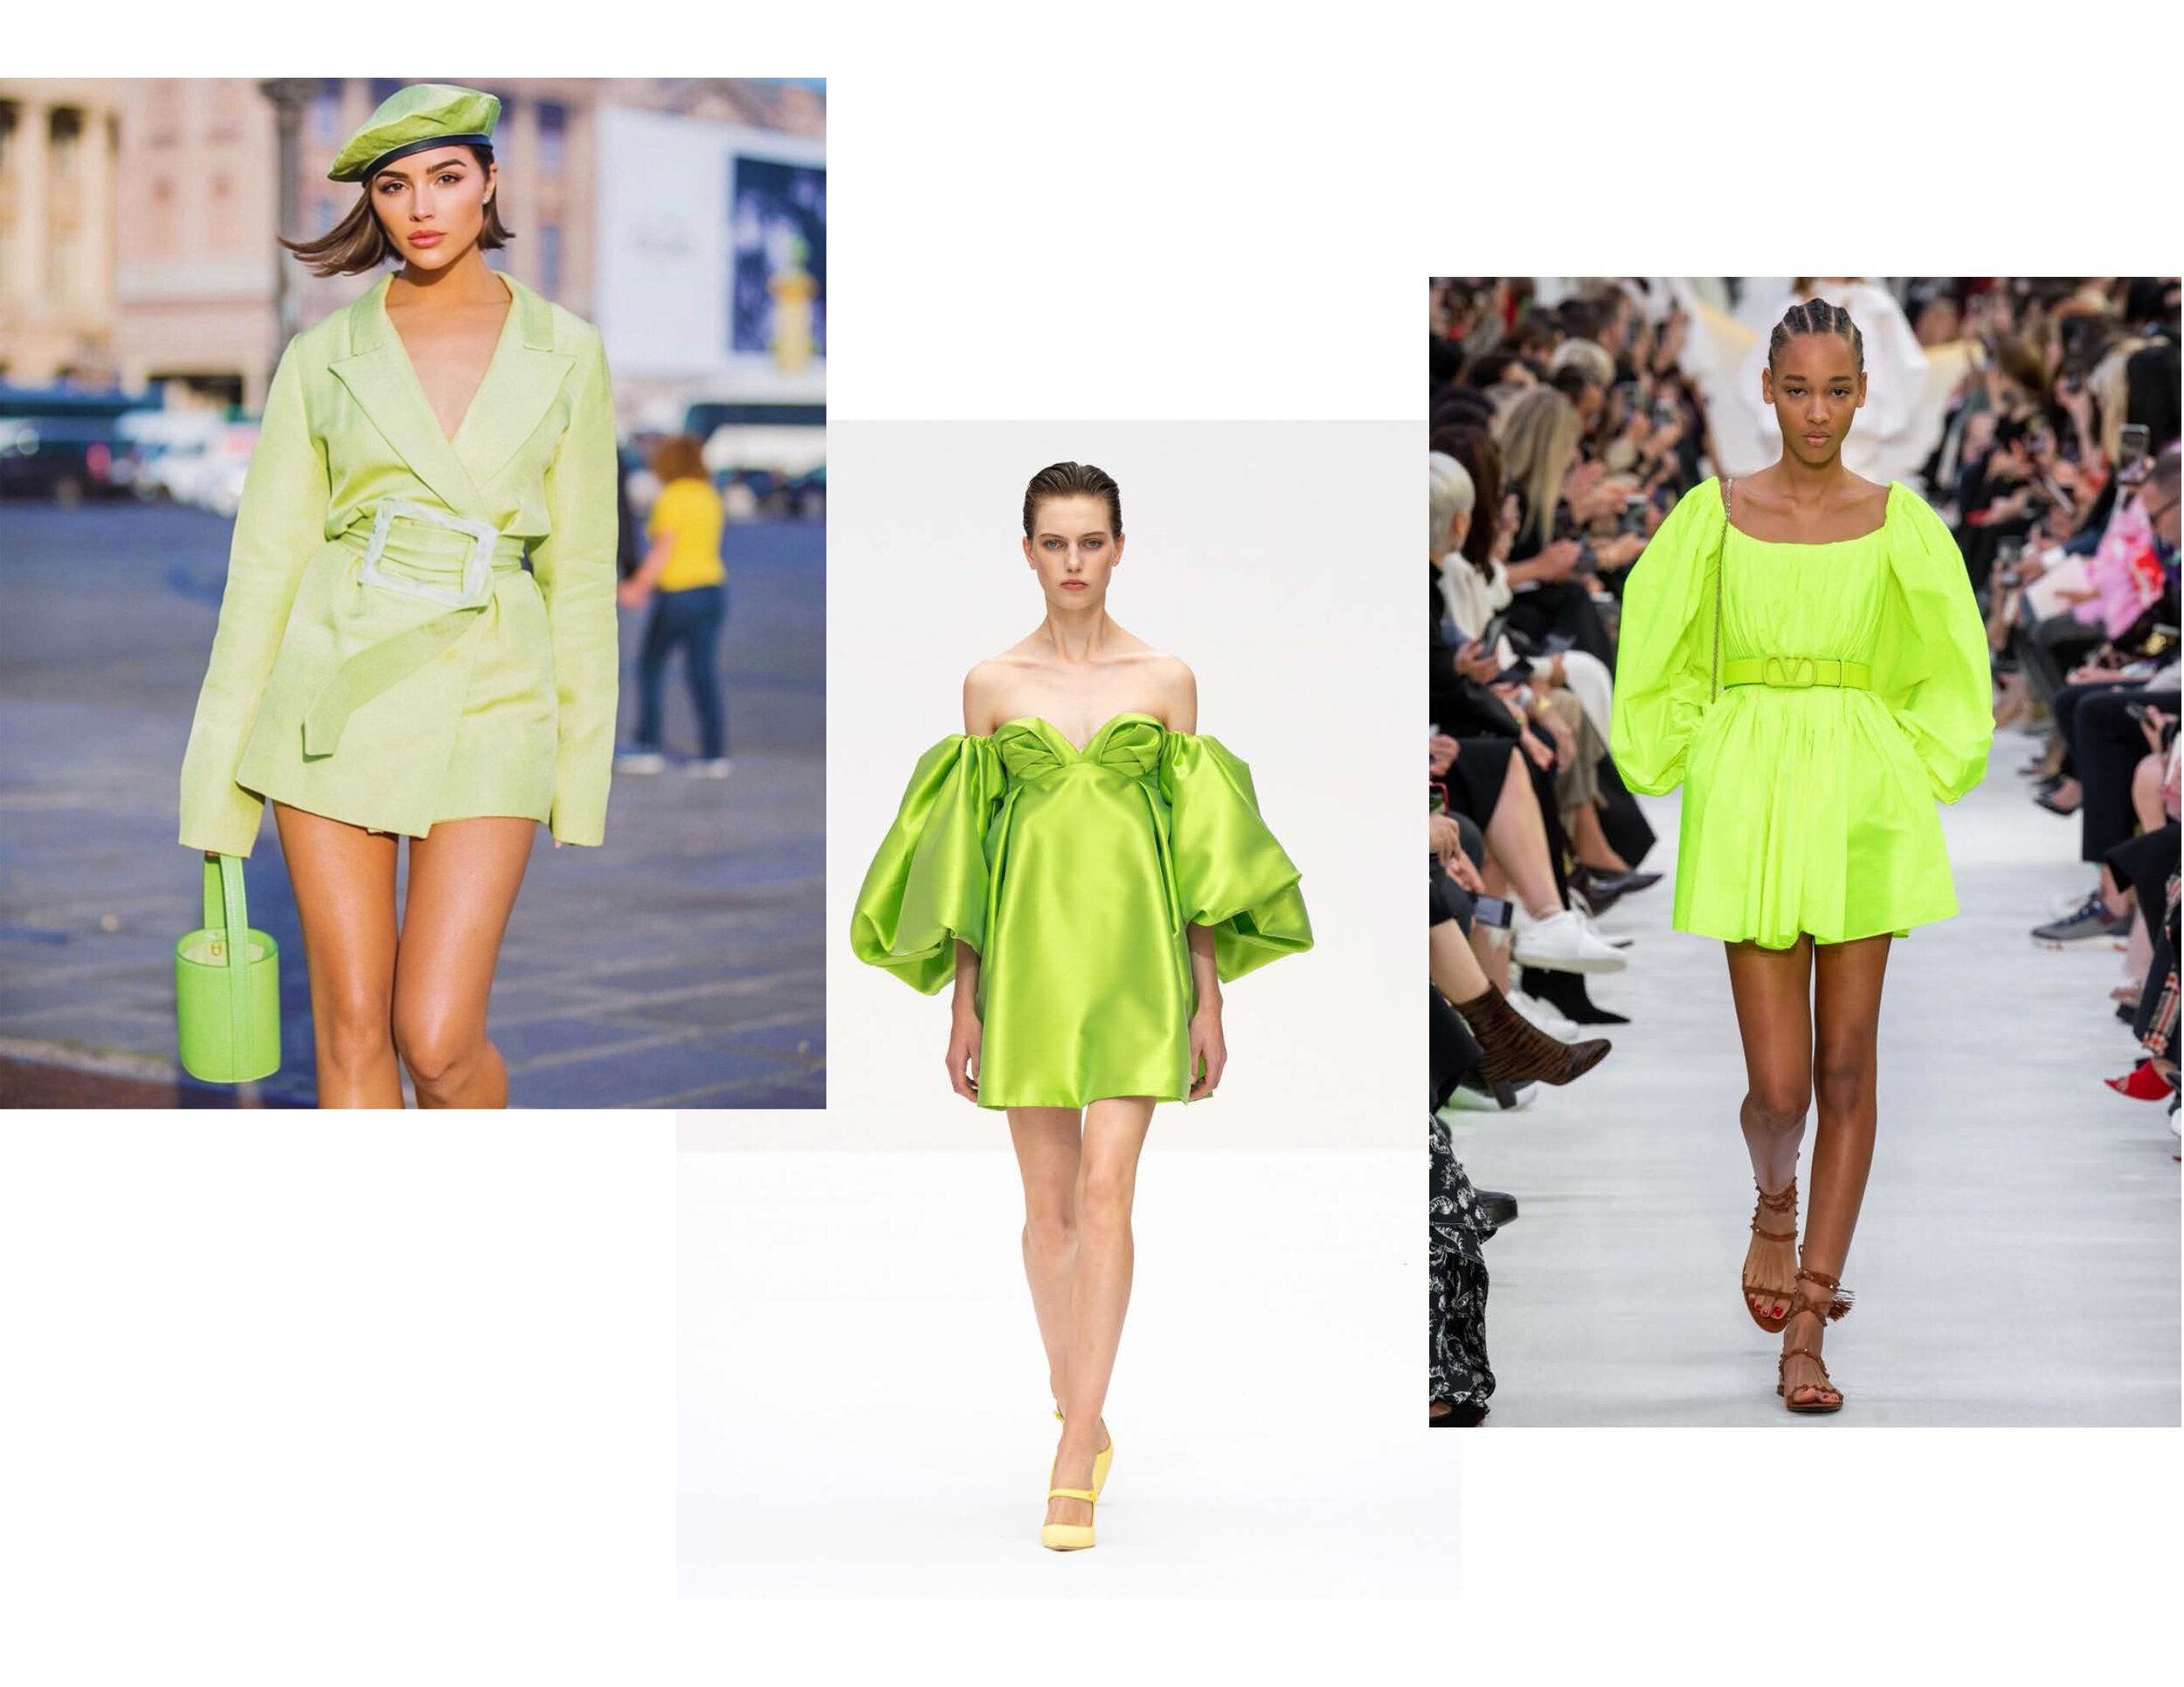 green_1 copy.jpg